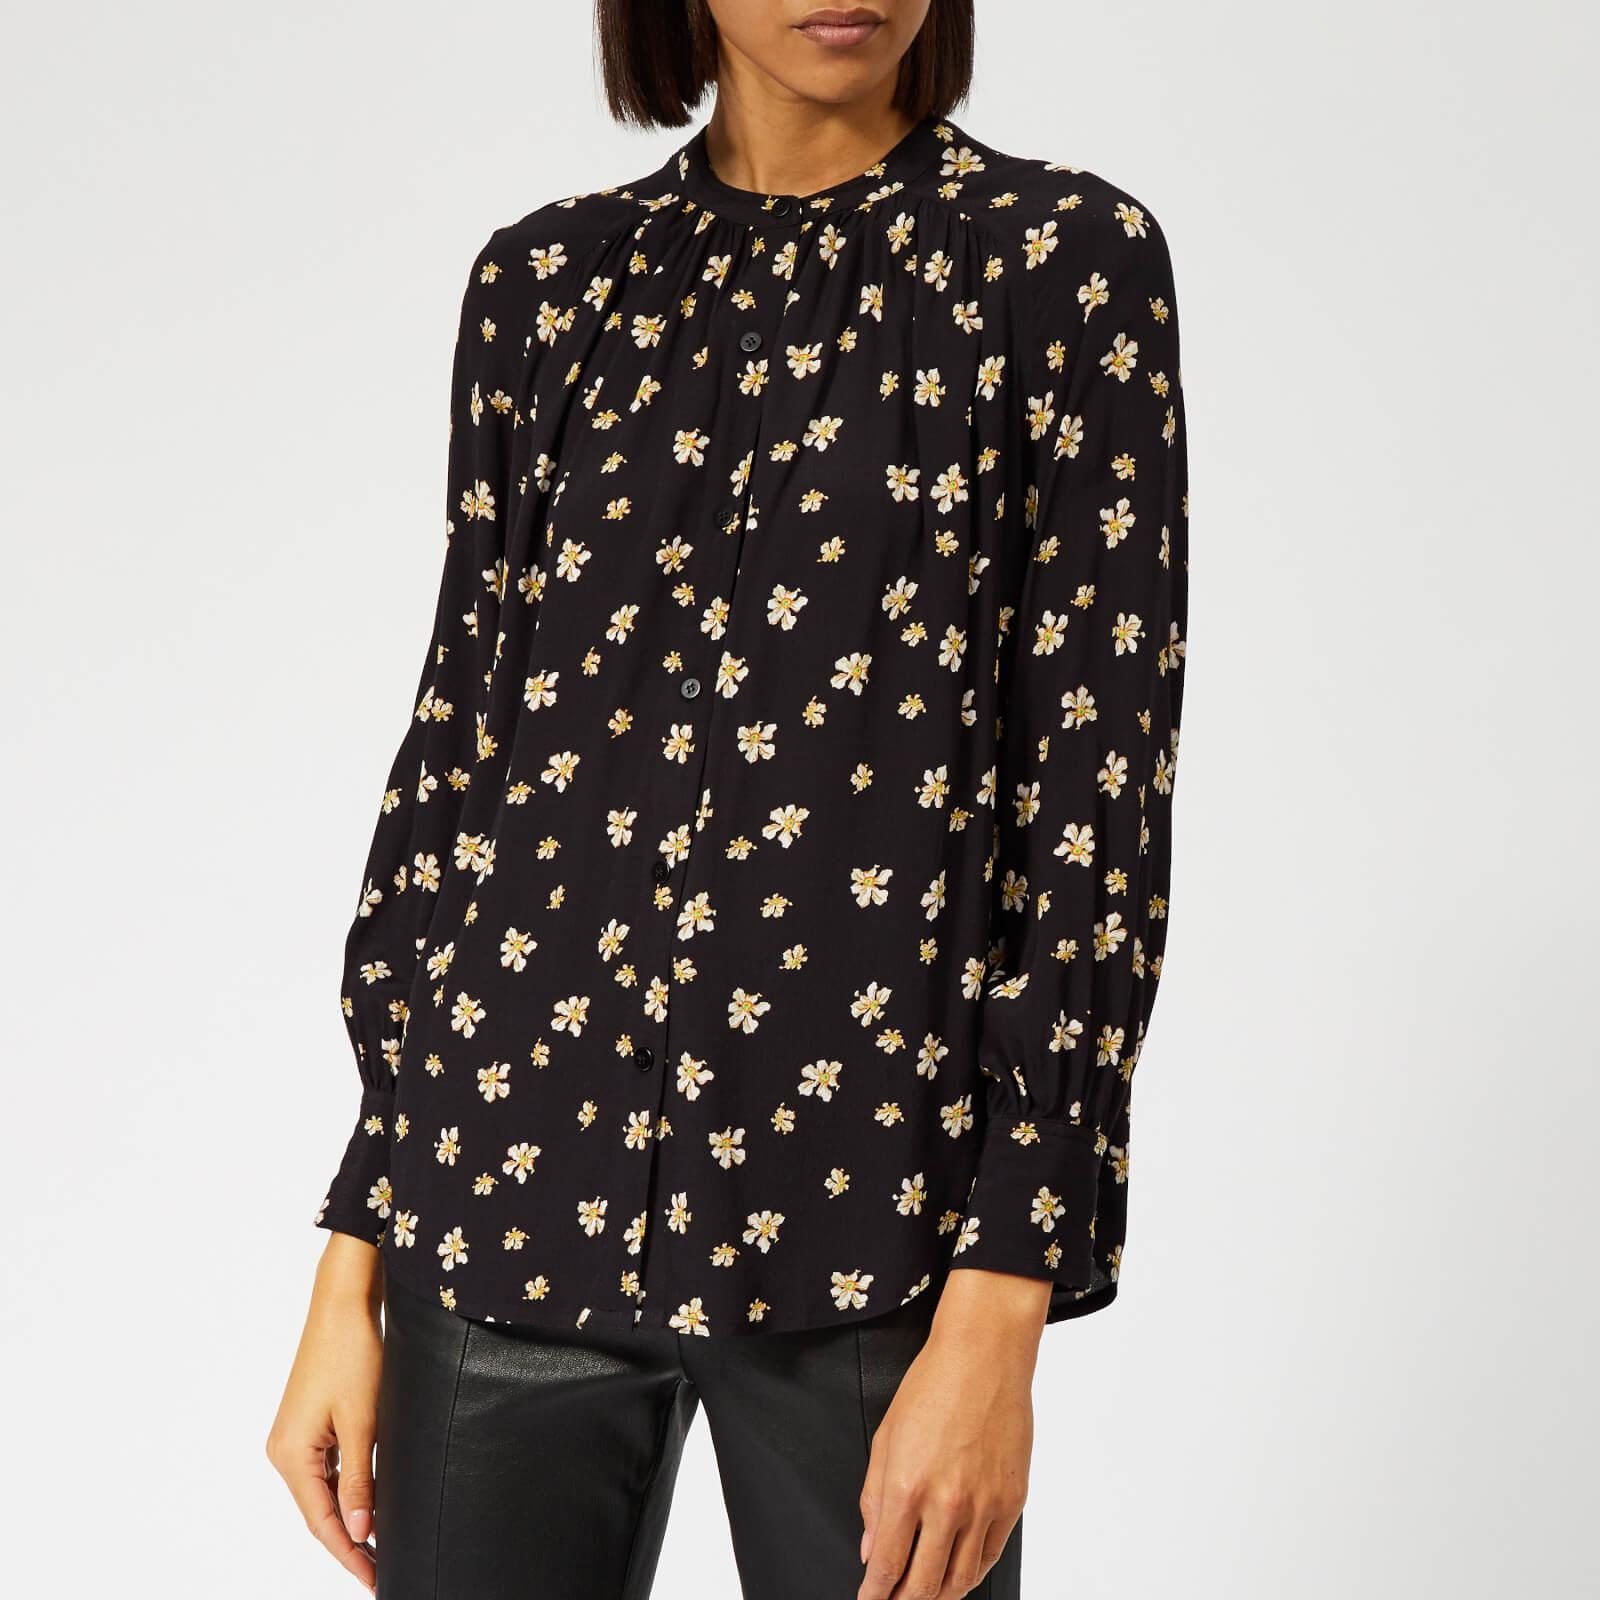 Whistles Women's Edelweiss Print Blouse - Black/Multi - UK 8 - Black